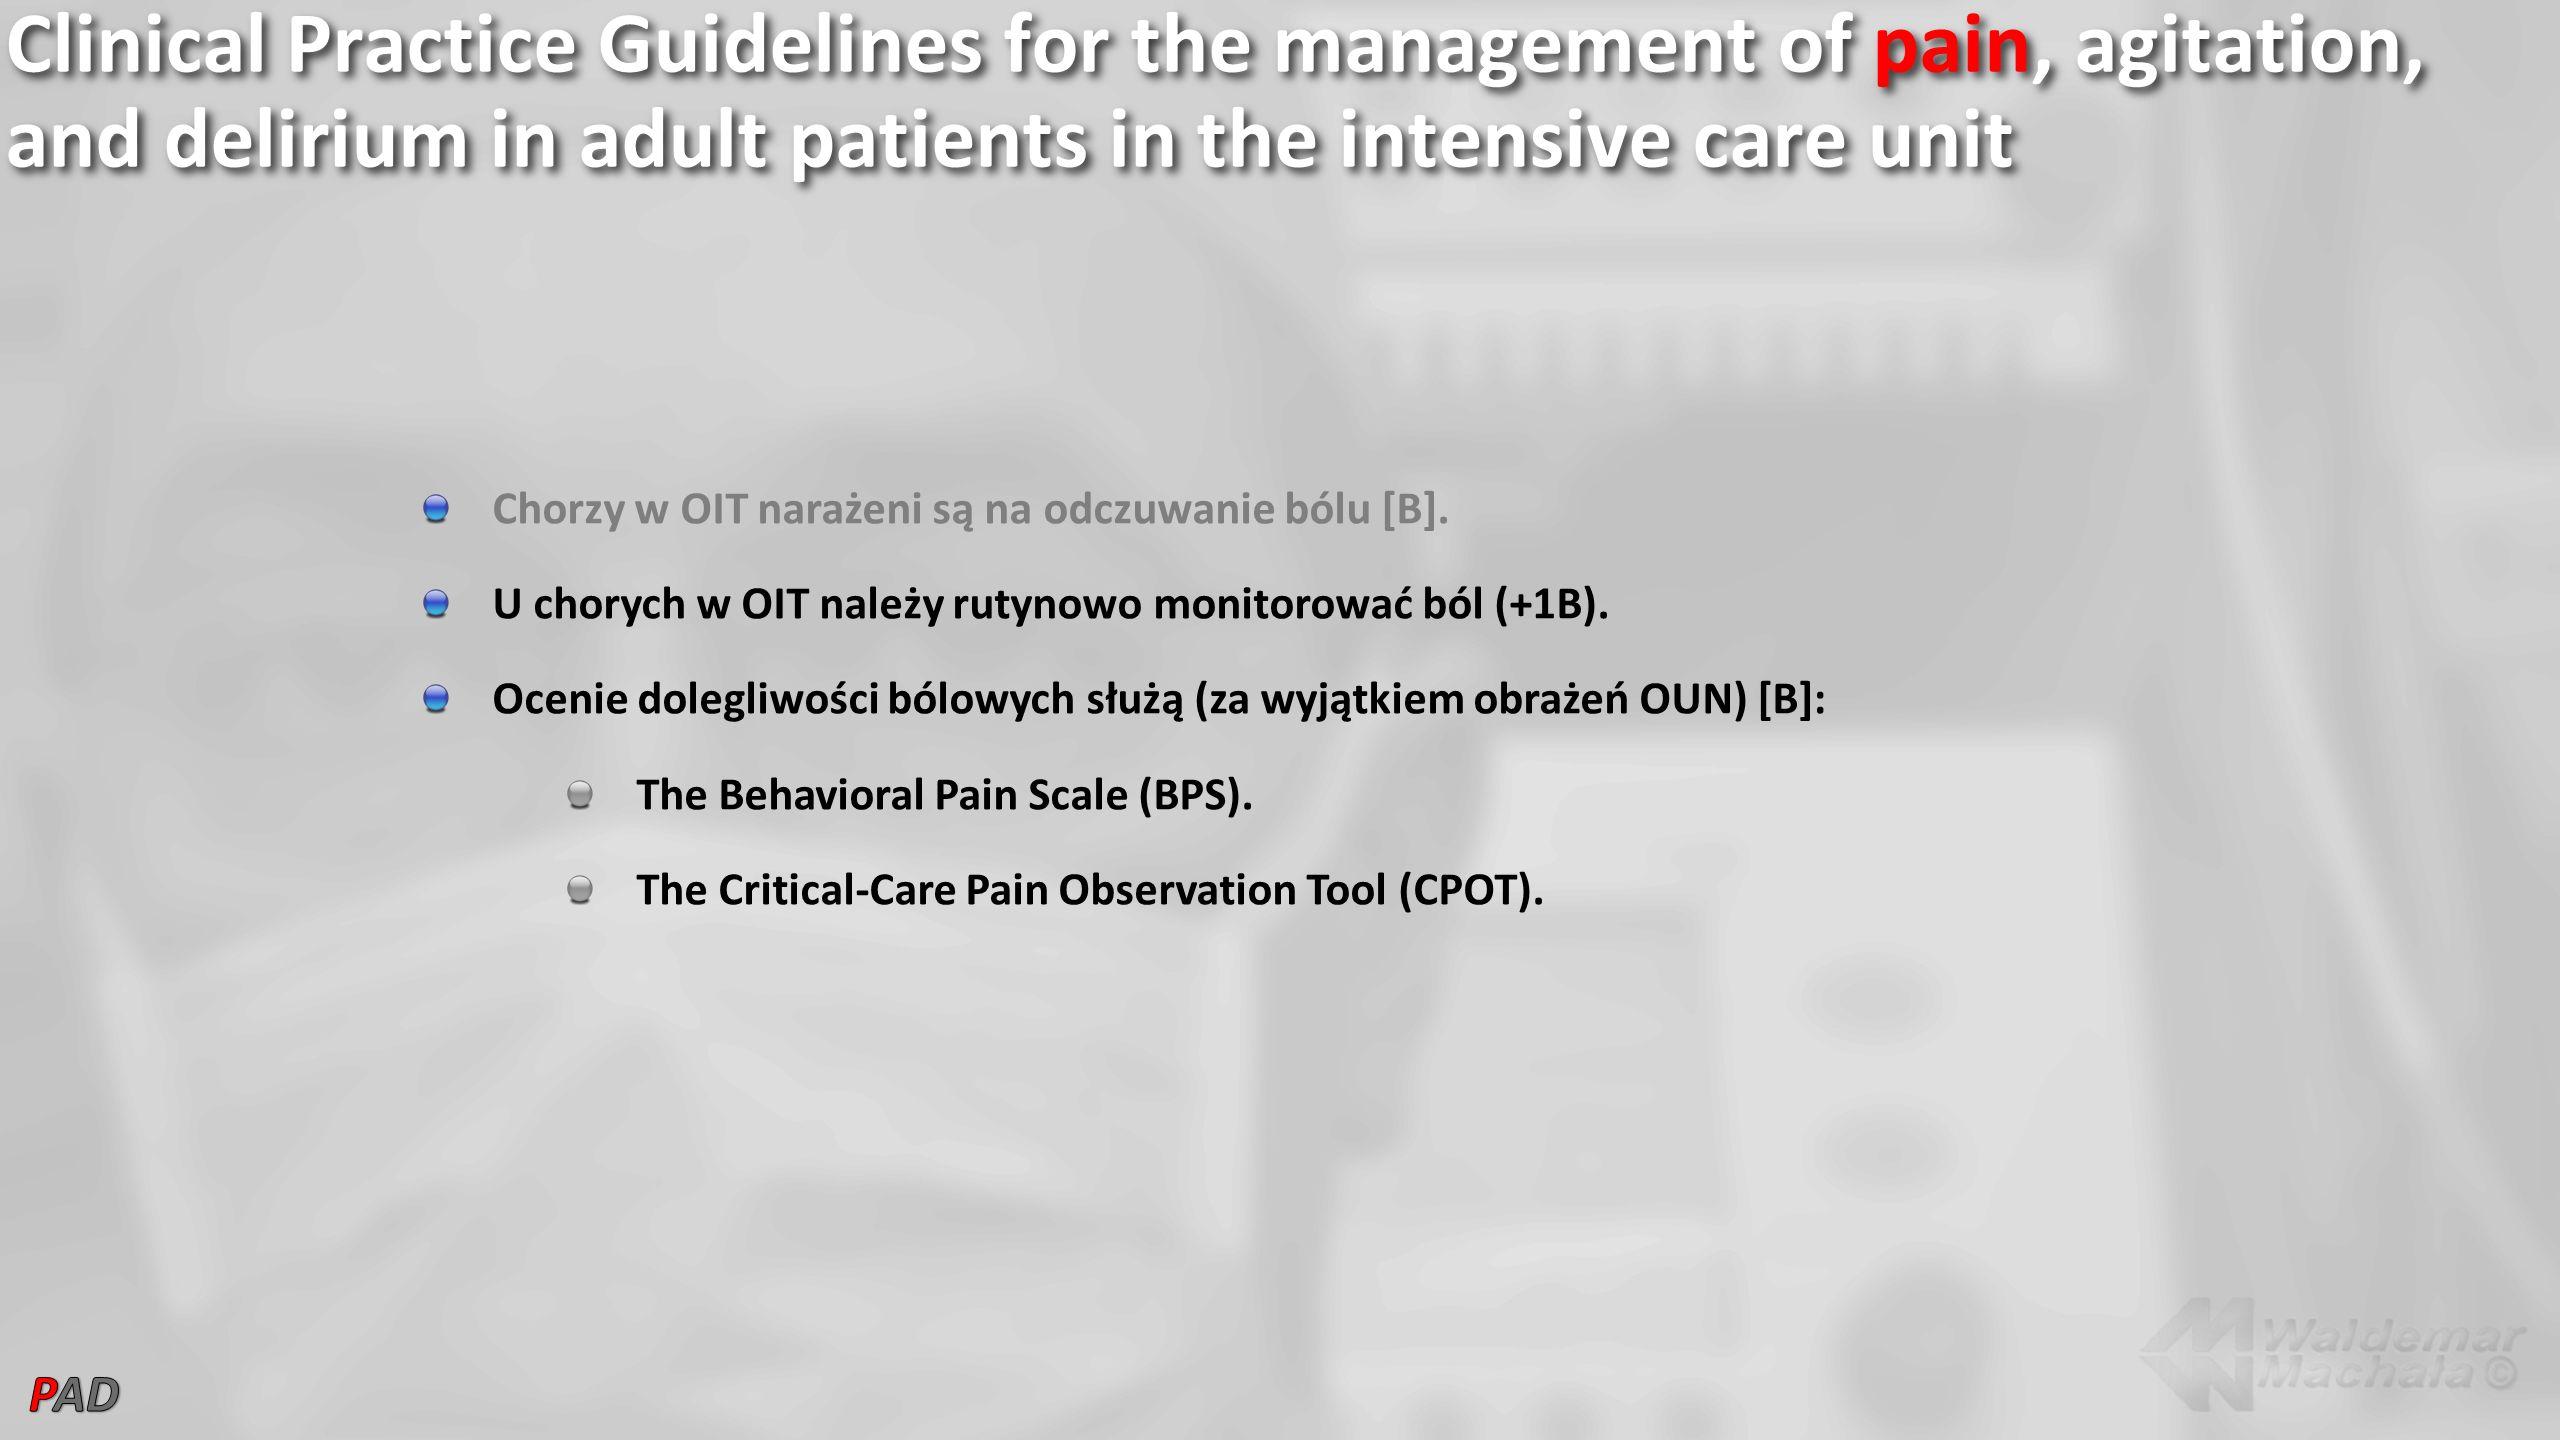 Chorzy w OIT narażeni są na odczuwanie bólu [B]. U chorych w OIT należy rutynowo monitorować ból (+1B). Ocenie dolegliwości bólowych służą (za wyjątki